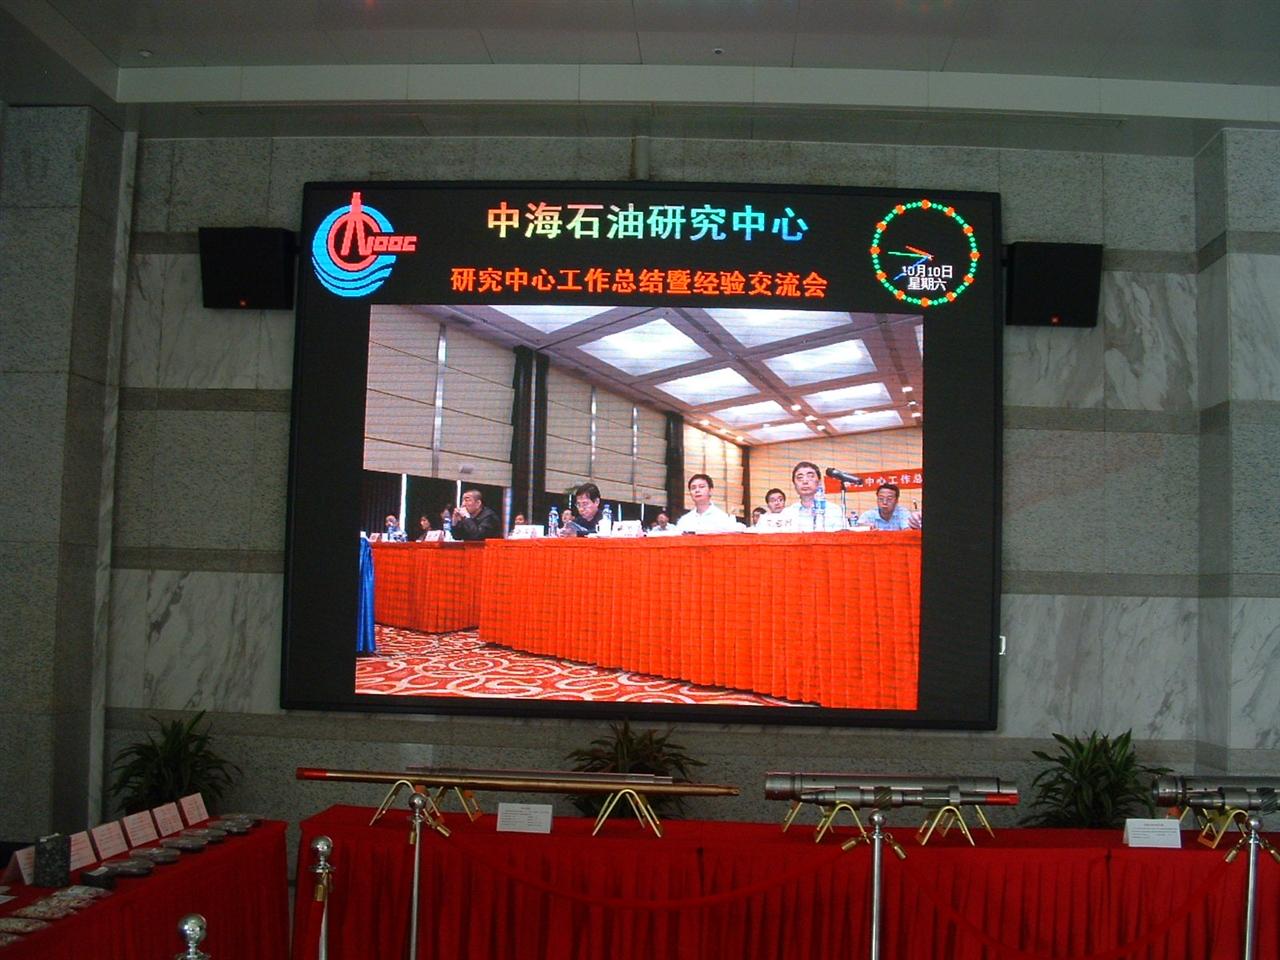 中海油-LED项目